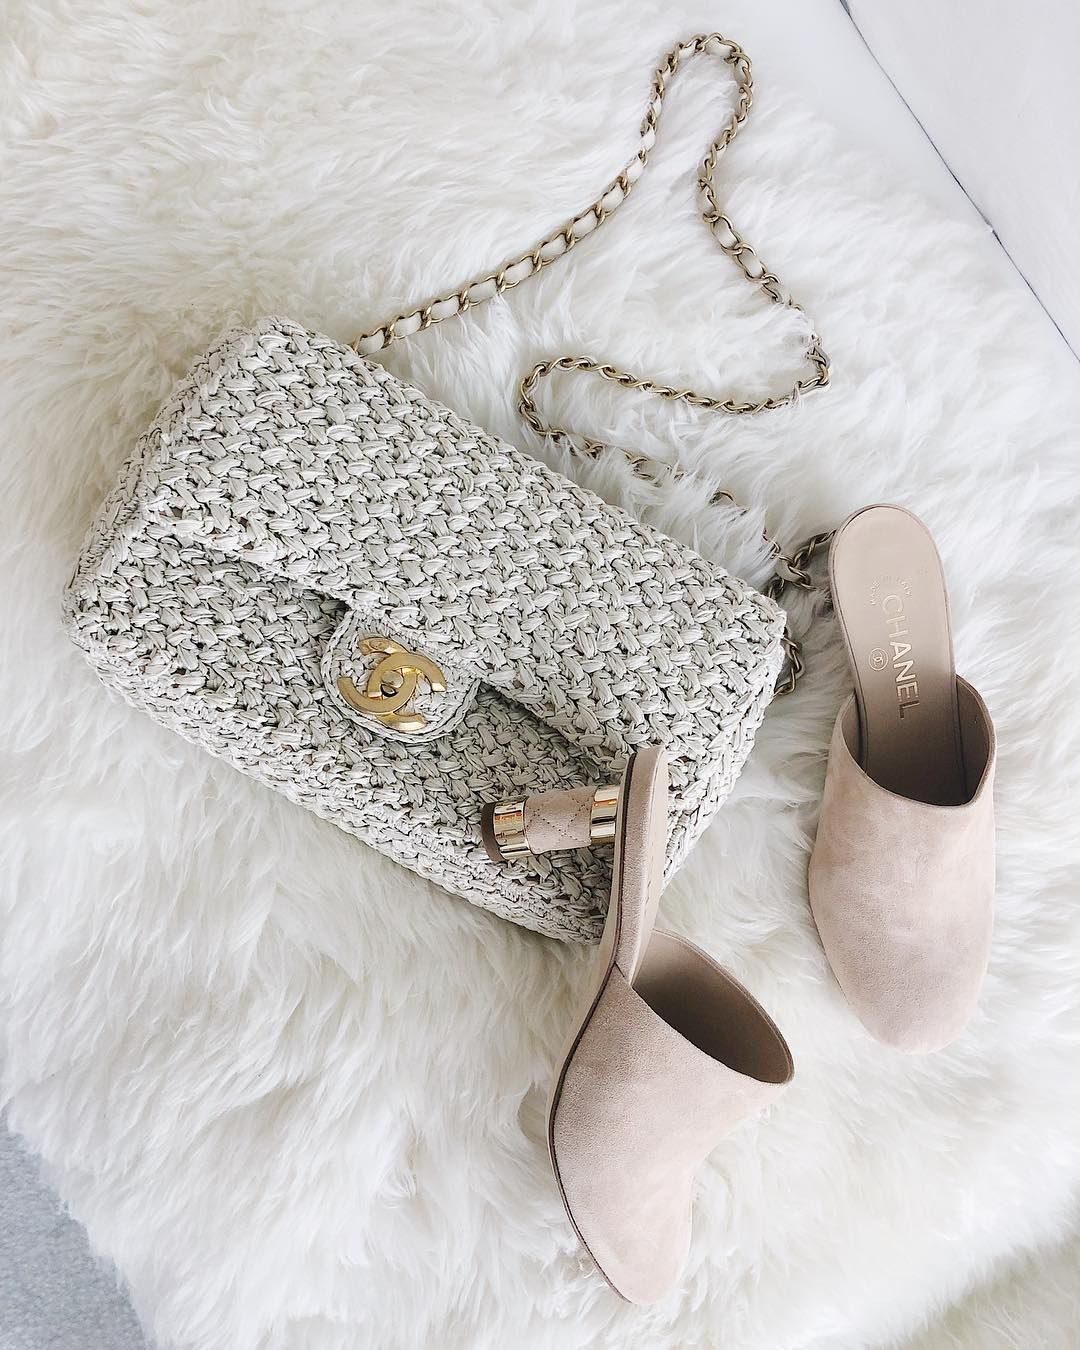 Pinterest Esib123 Chanel Handbags Vintage Chanel Bag Chanel Bag